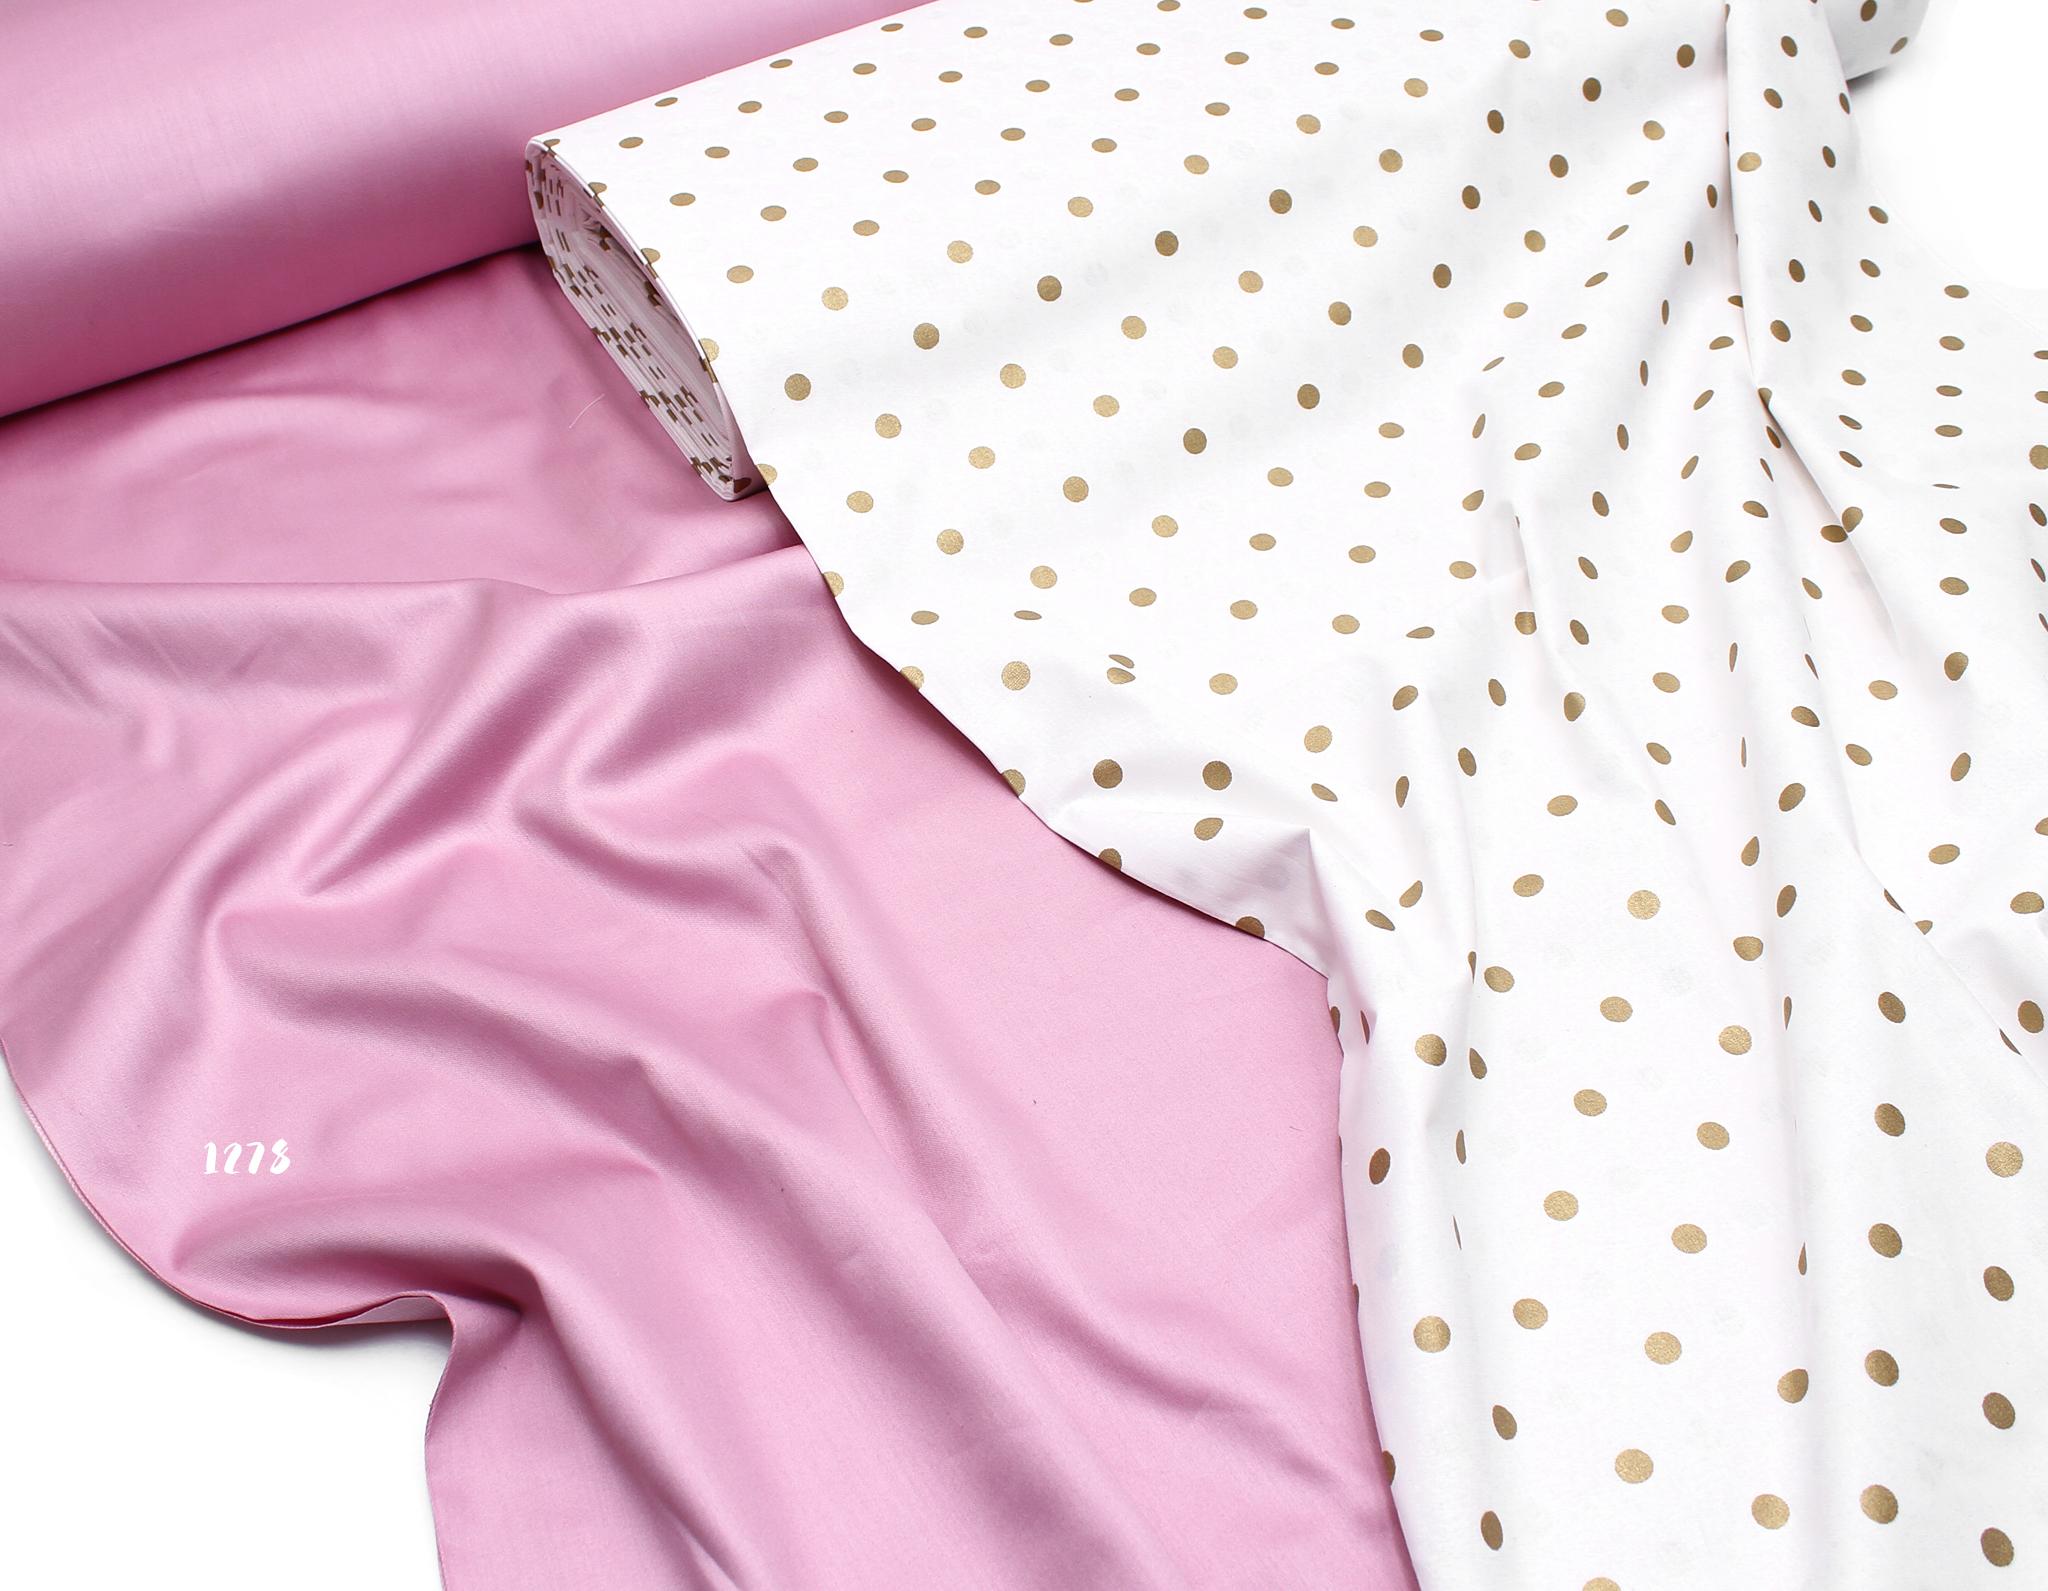 Пыльно-розовый (сатин класса люкс, Турция),240 см